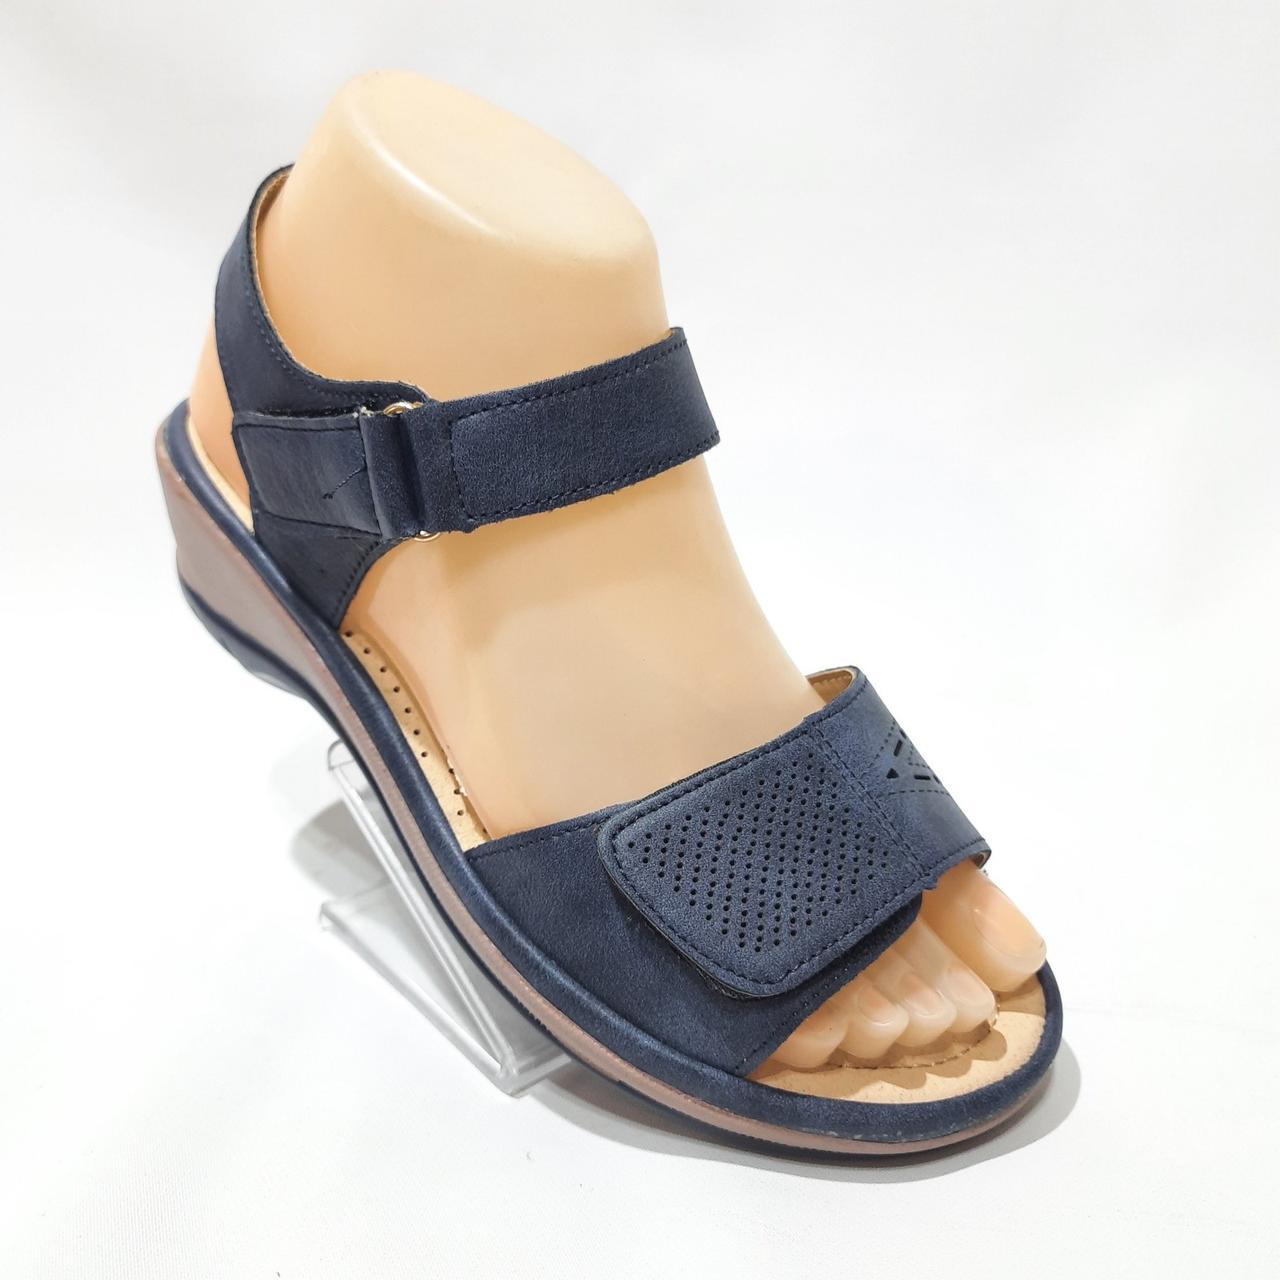 Босоножки женские, сандали из экокожи на танкетке ортопедическая стелька на липучках Темно-синие